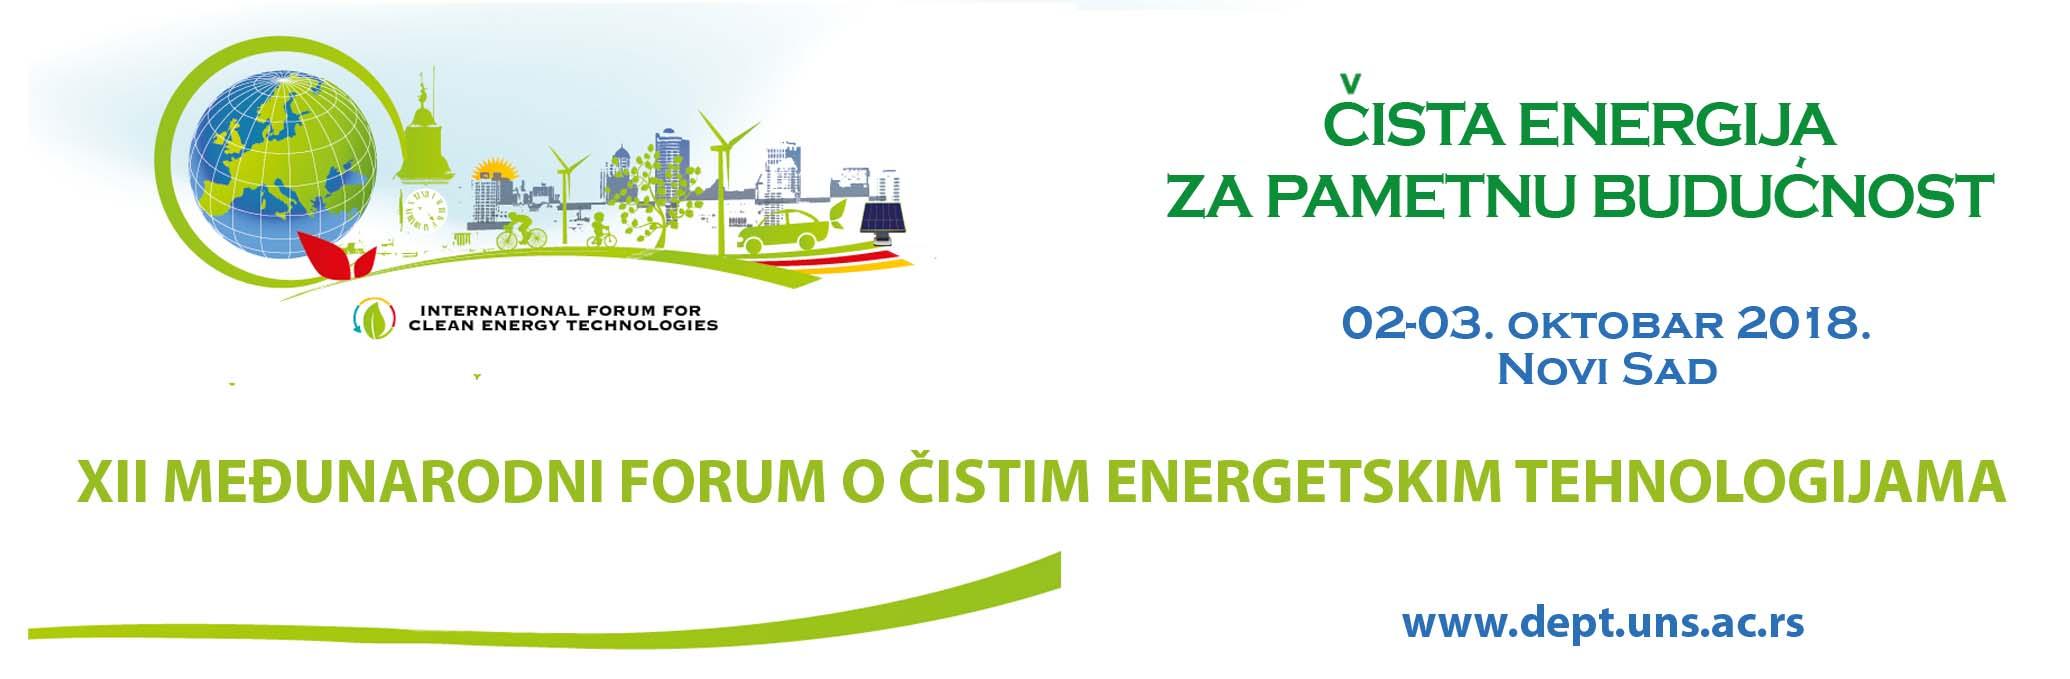 medjunarodni-forum-o-cistim-energetskim-tehnologijama-srp